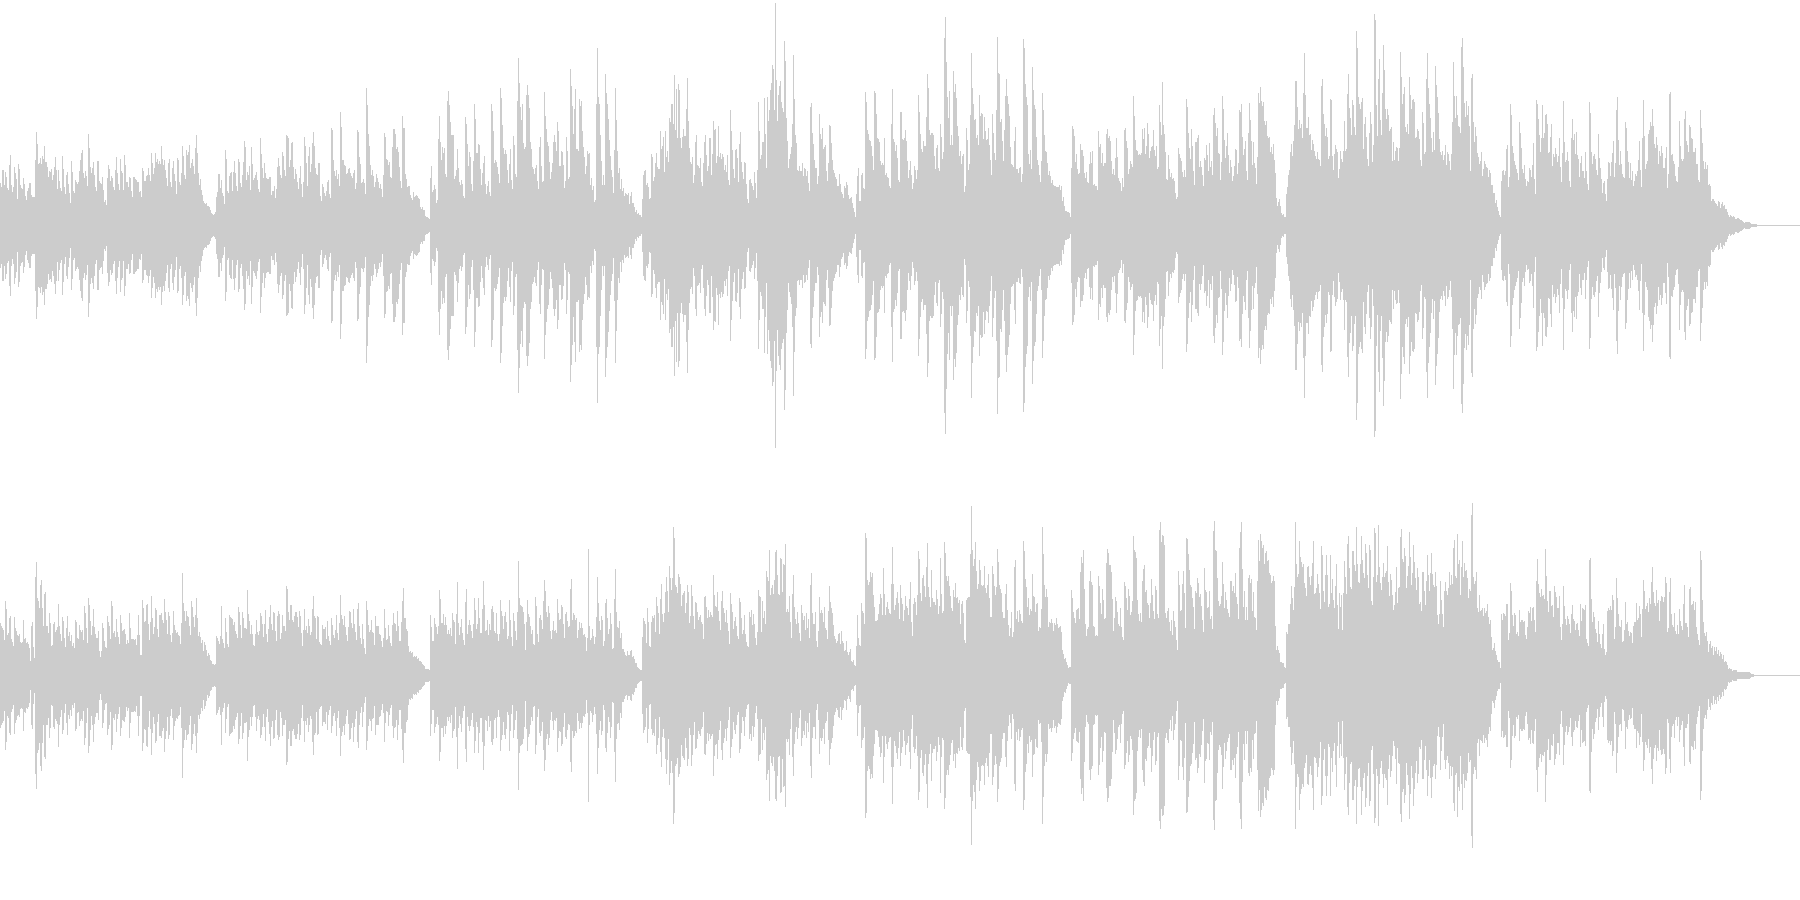 サスペンスホラー映像に合う怪しげなワルツの未再生の波形